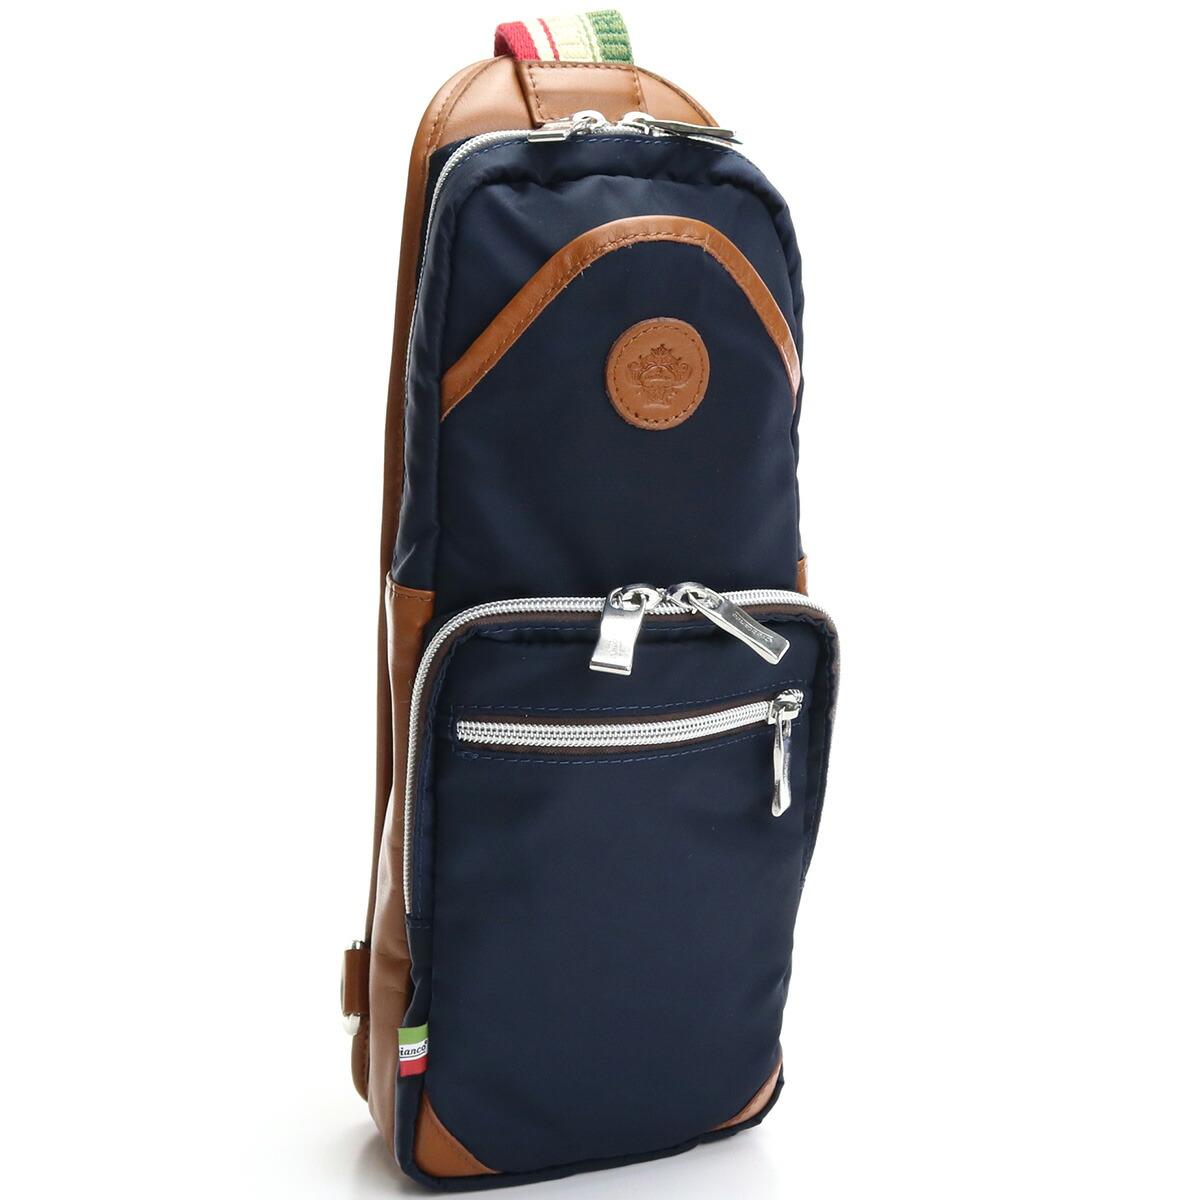 オロビアンコ OROBIANCO  ボディバッグ GIACOMIO DA-N 12/08 BLU-SCURO/MATTONE  ブラウン系 bag-01